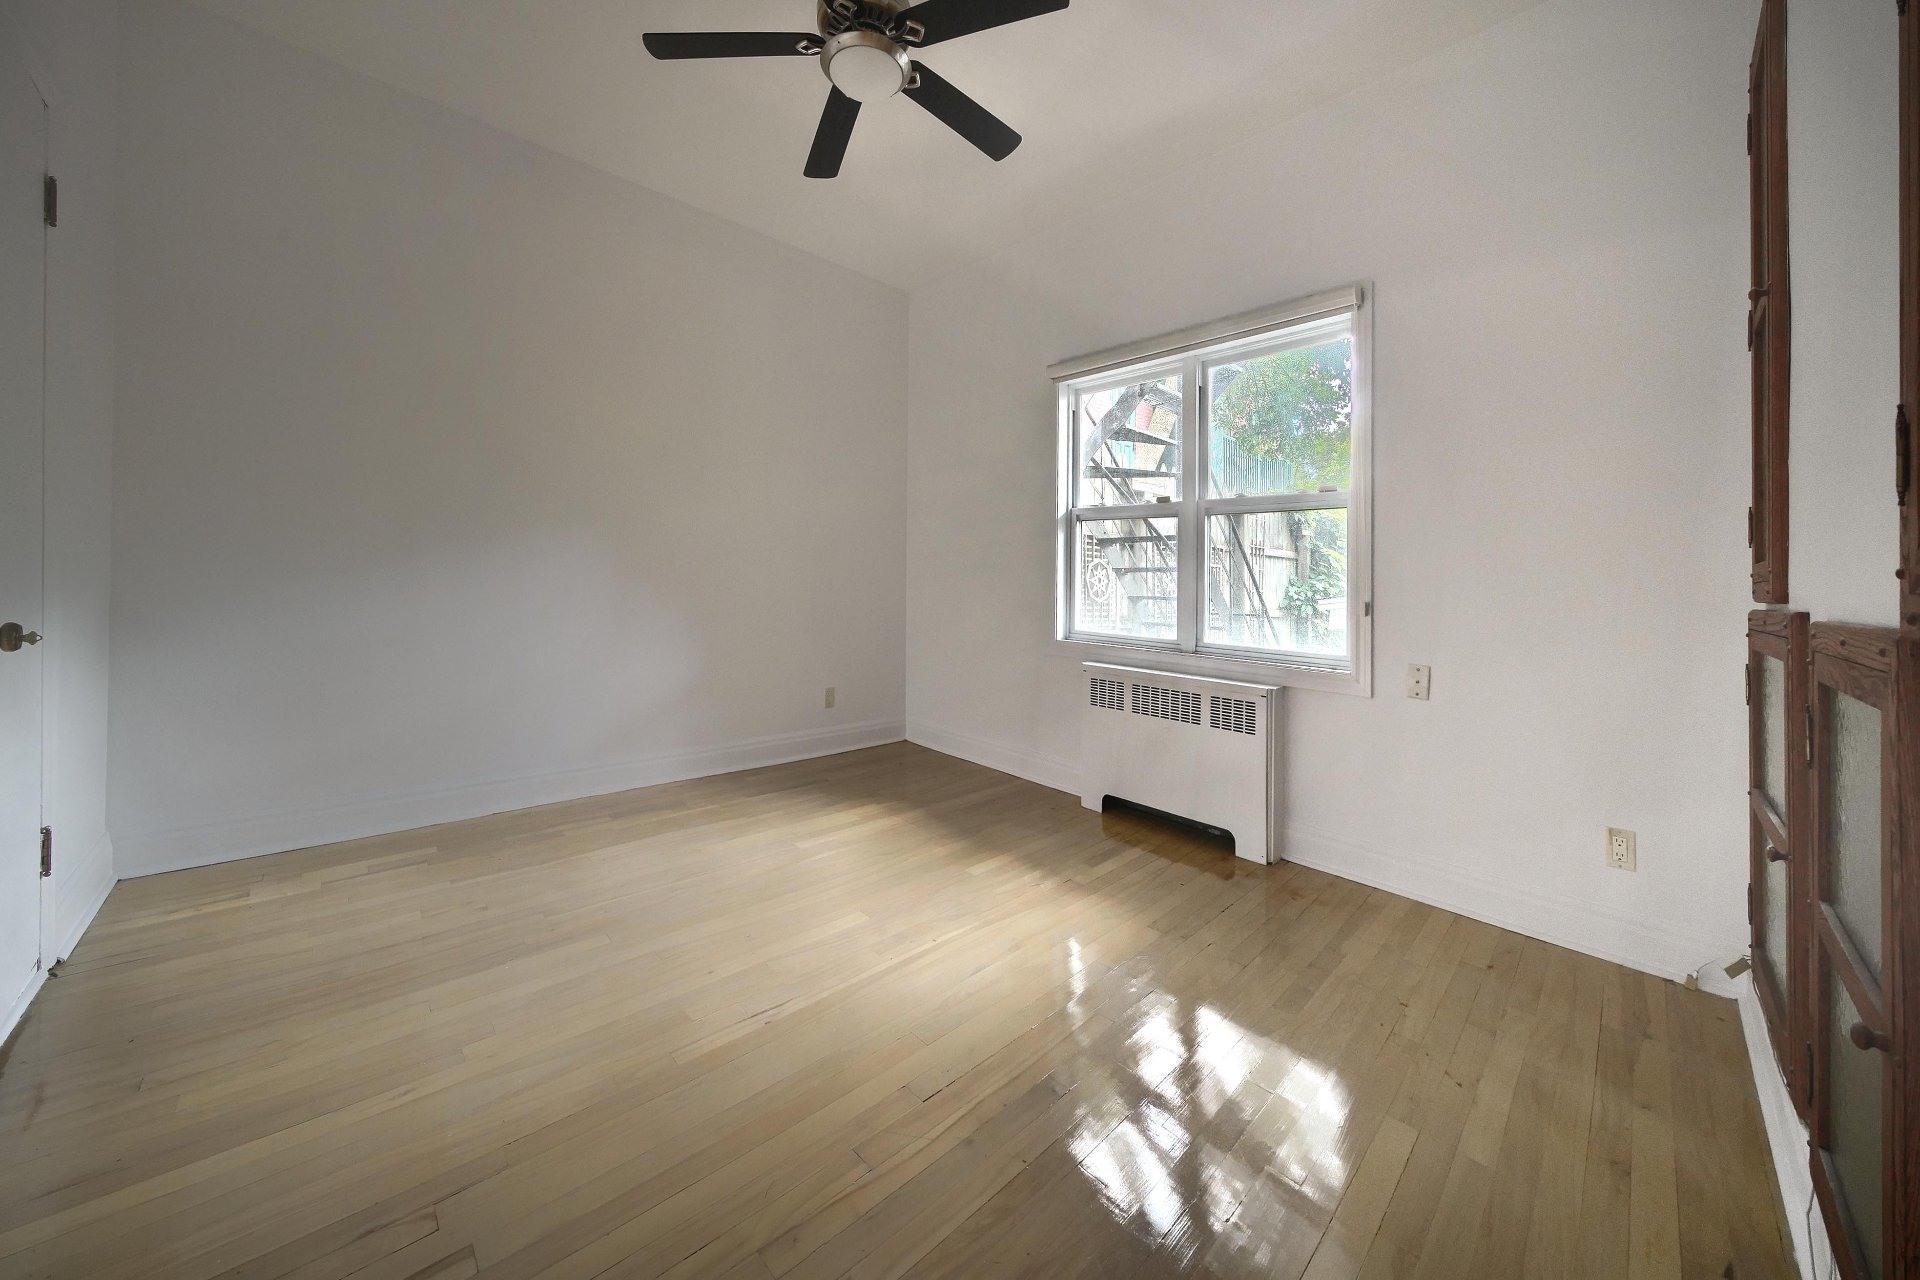 image 19 - Apartment For rent Ville-Marie Montréal  - 10 rooms